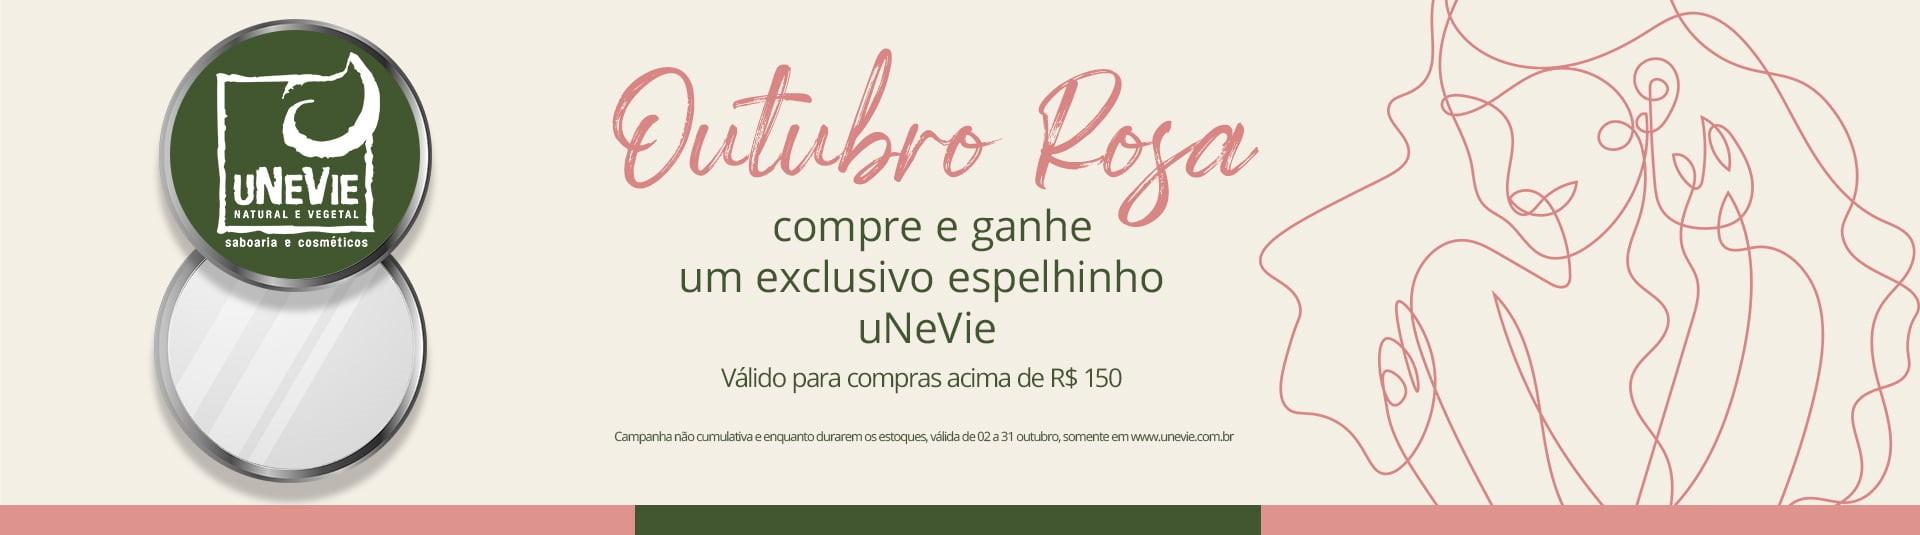 LR 2020-10-01 Outubro Rosa espelho